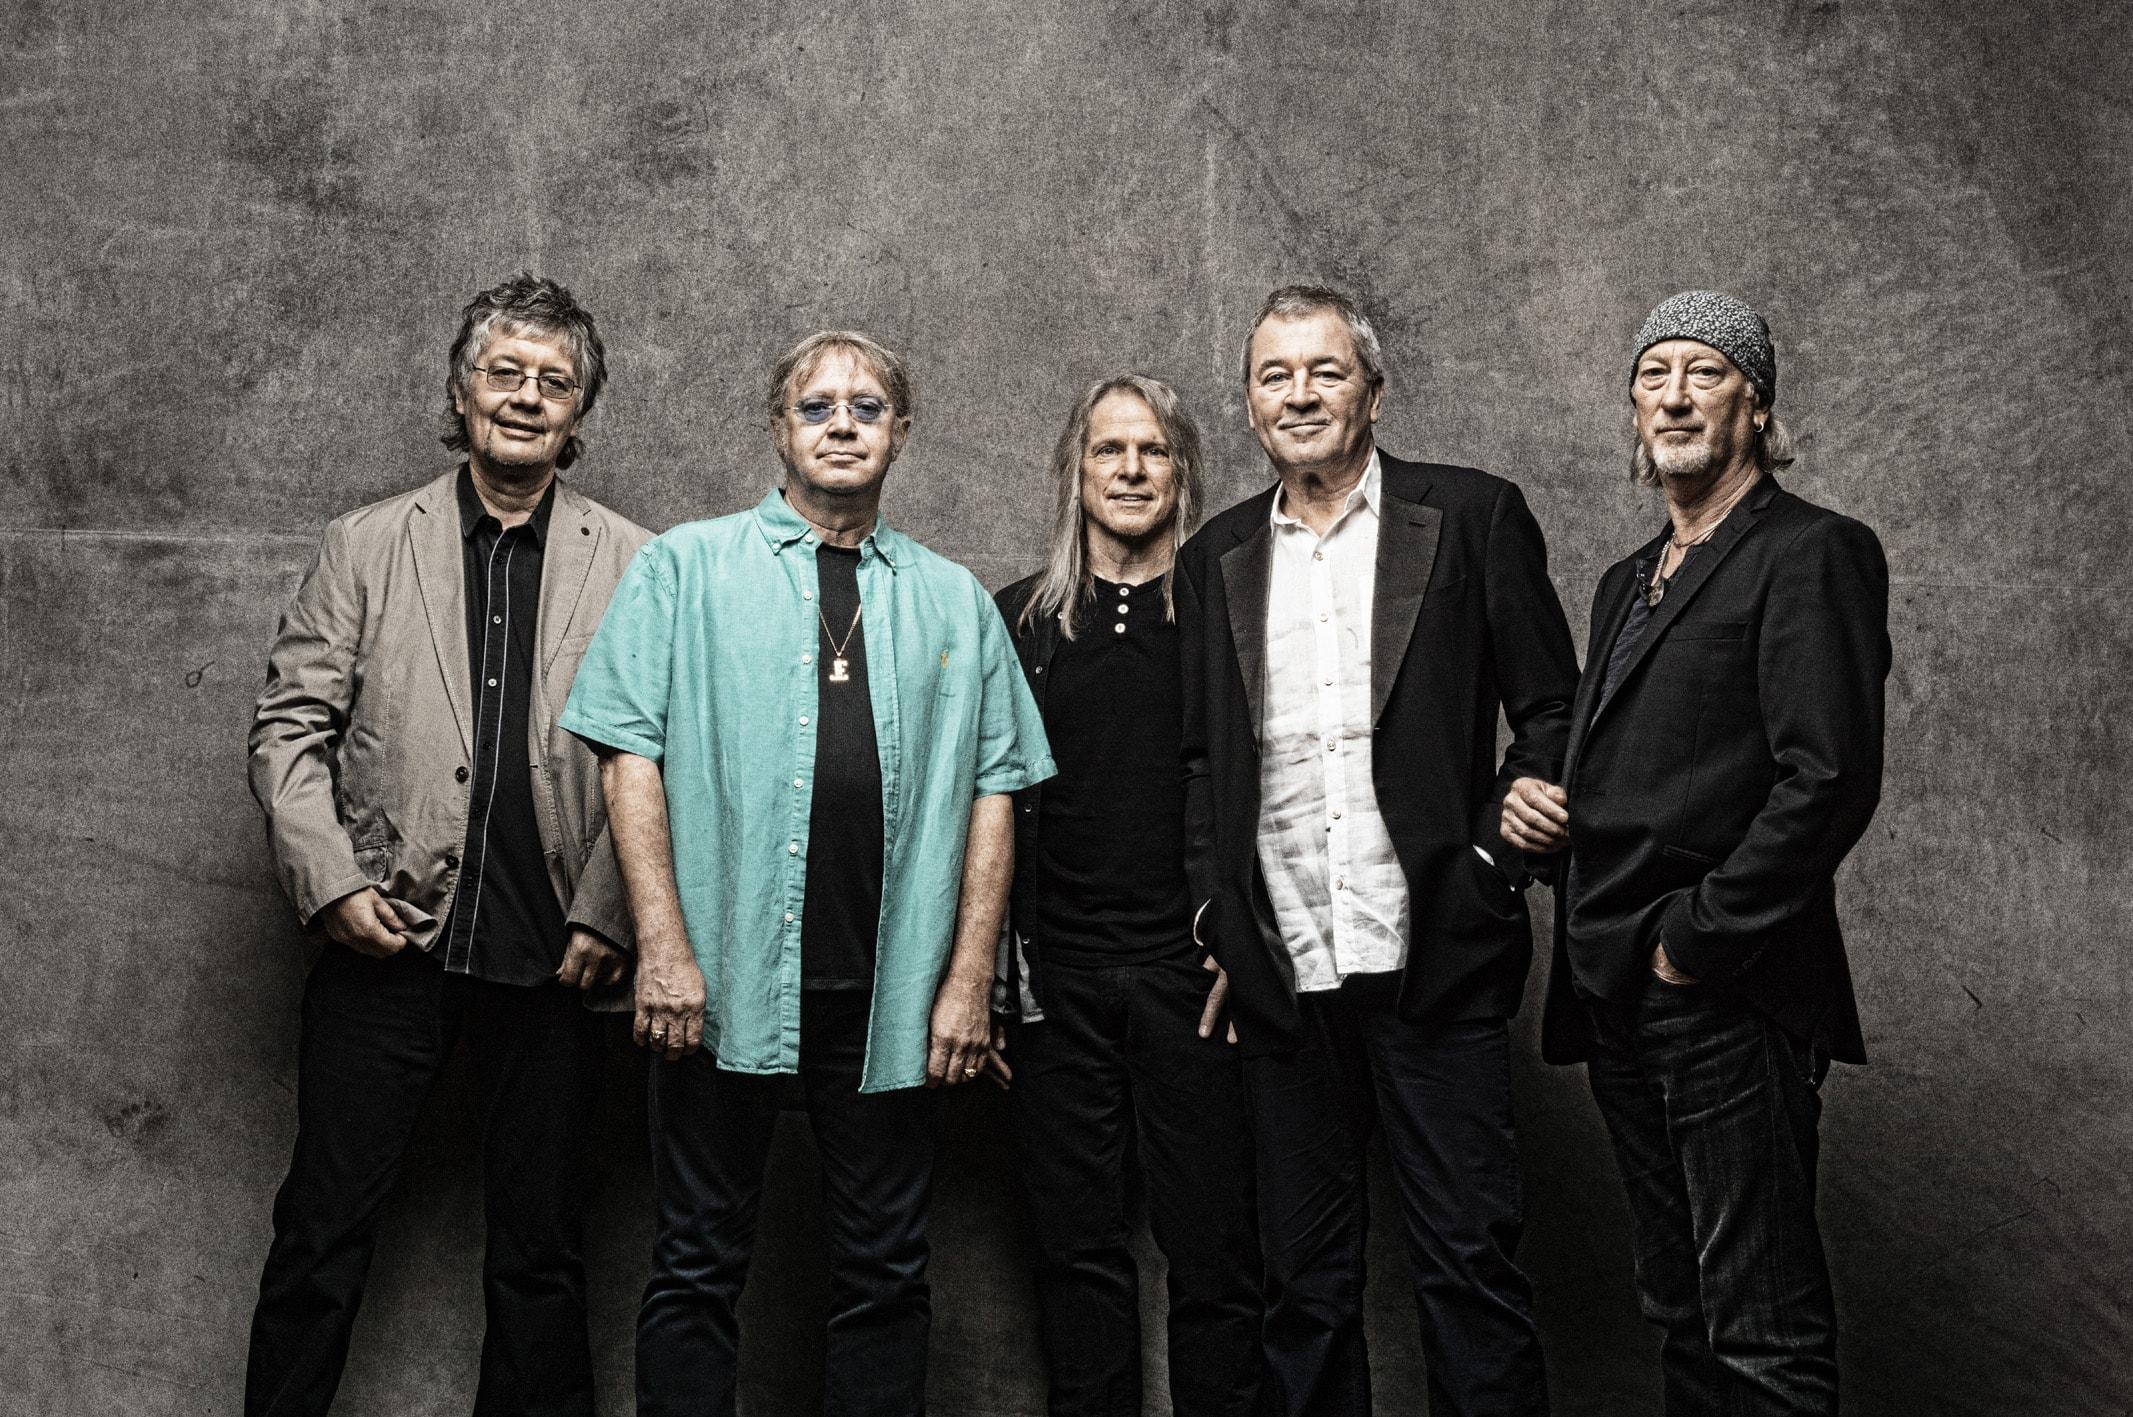 Deep Purple Wallpaper